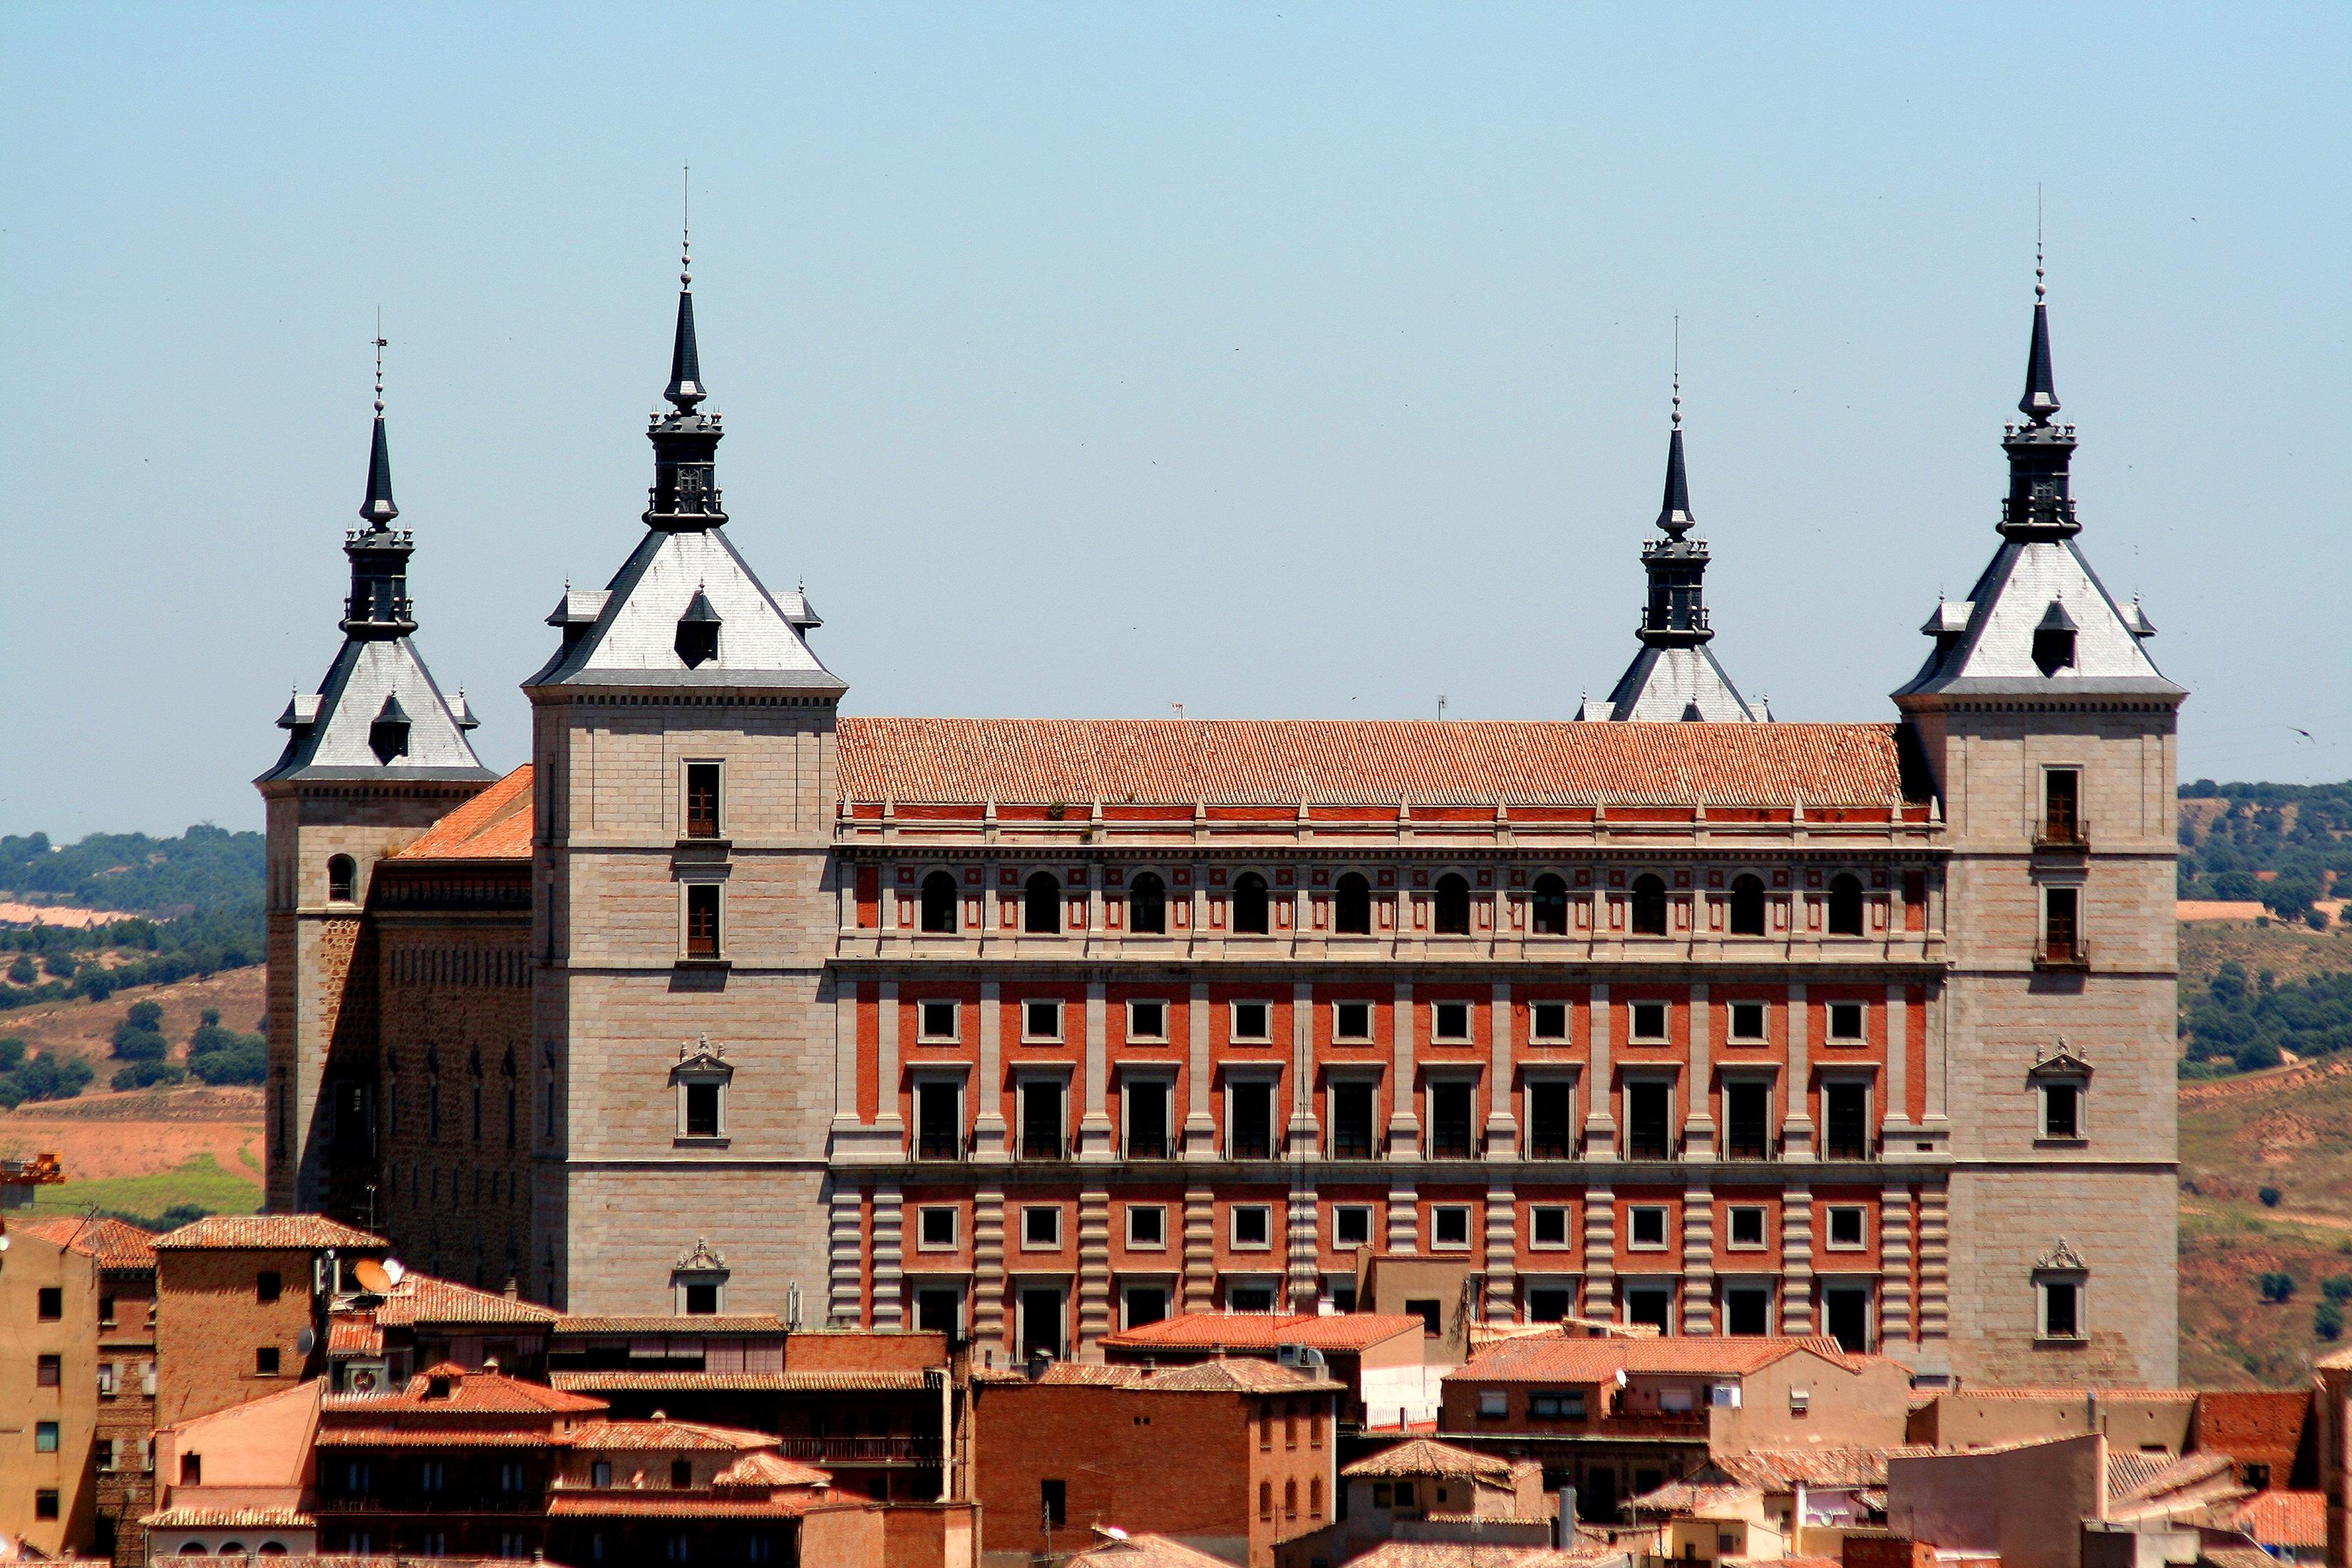 free images landscape architecture building chateau palace